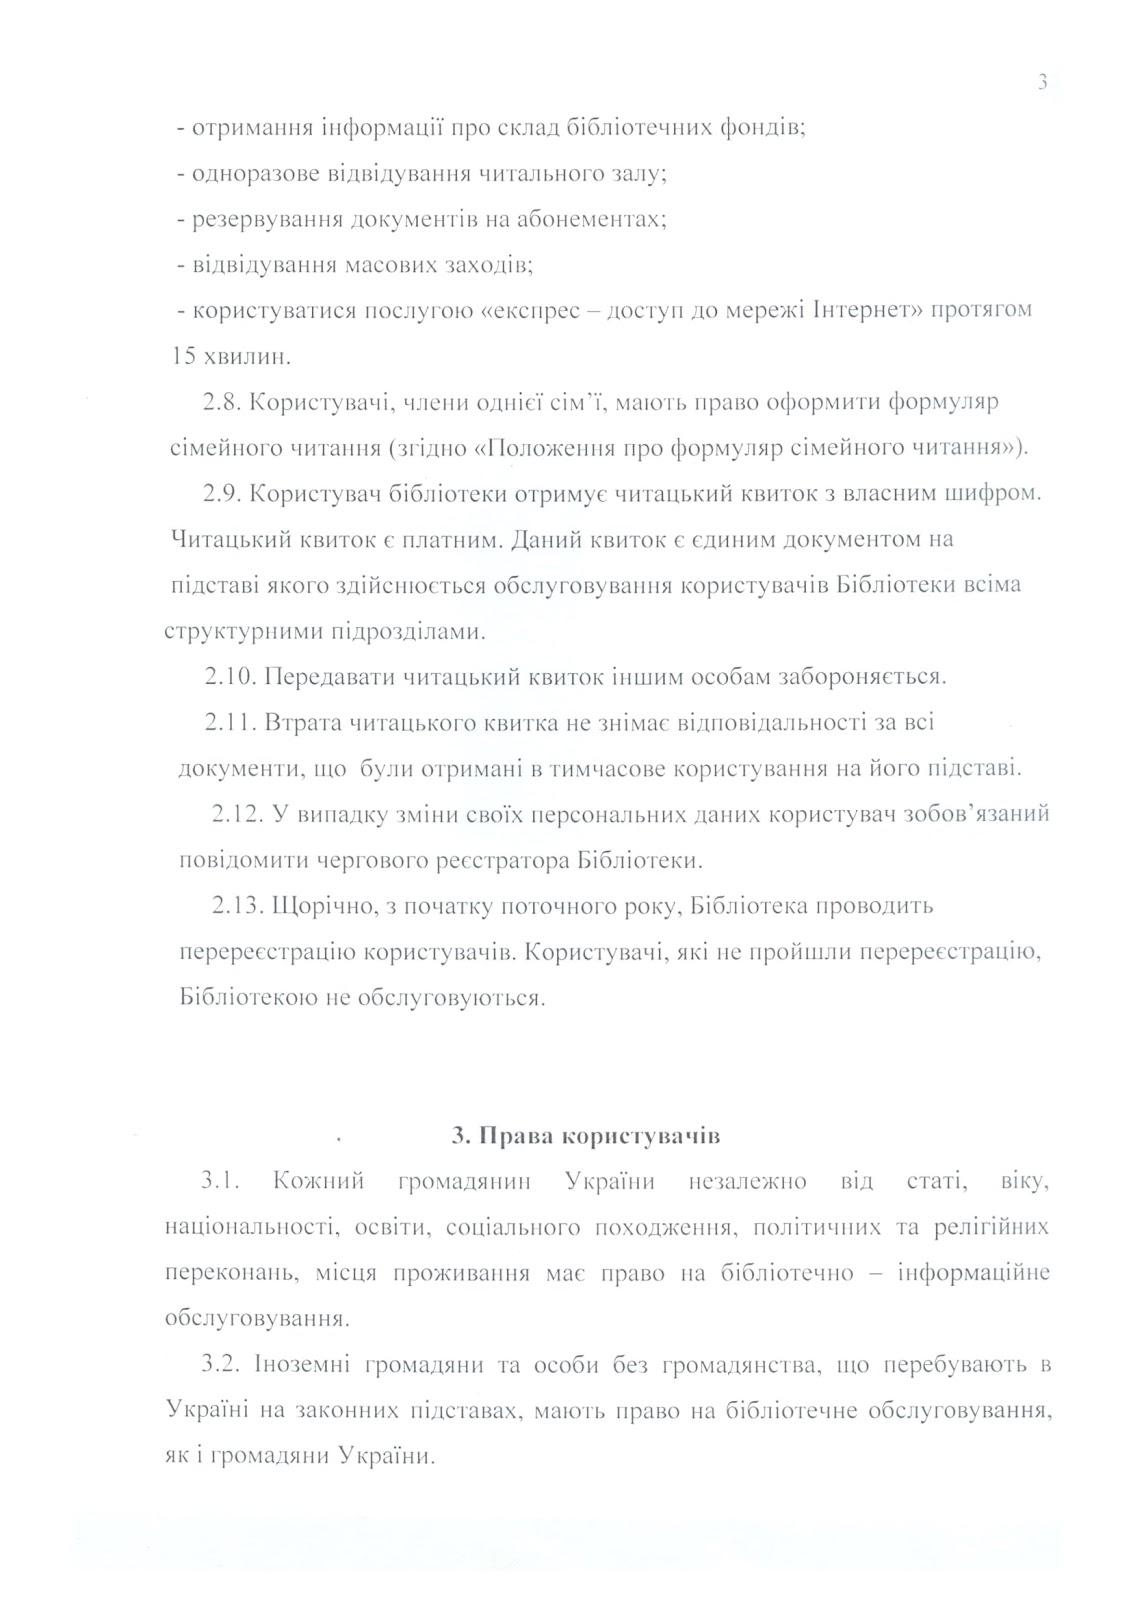 Правила користування ДБУ для юнацтва-3.jpg